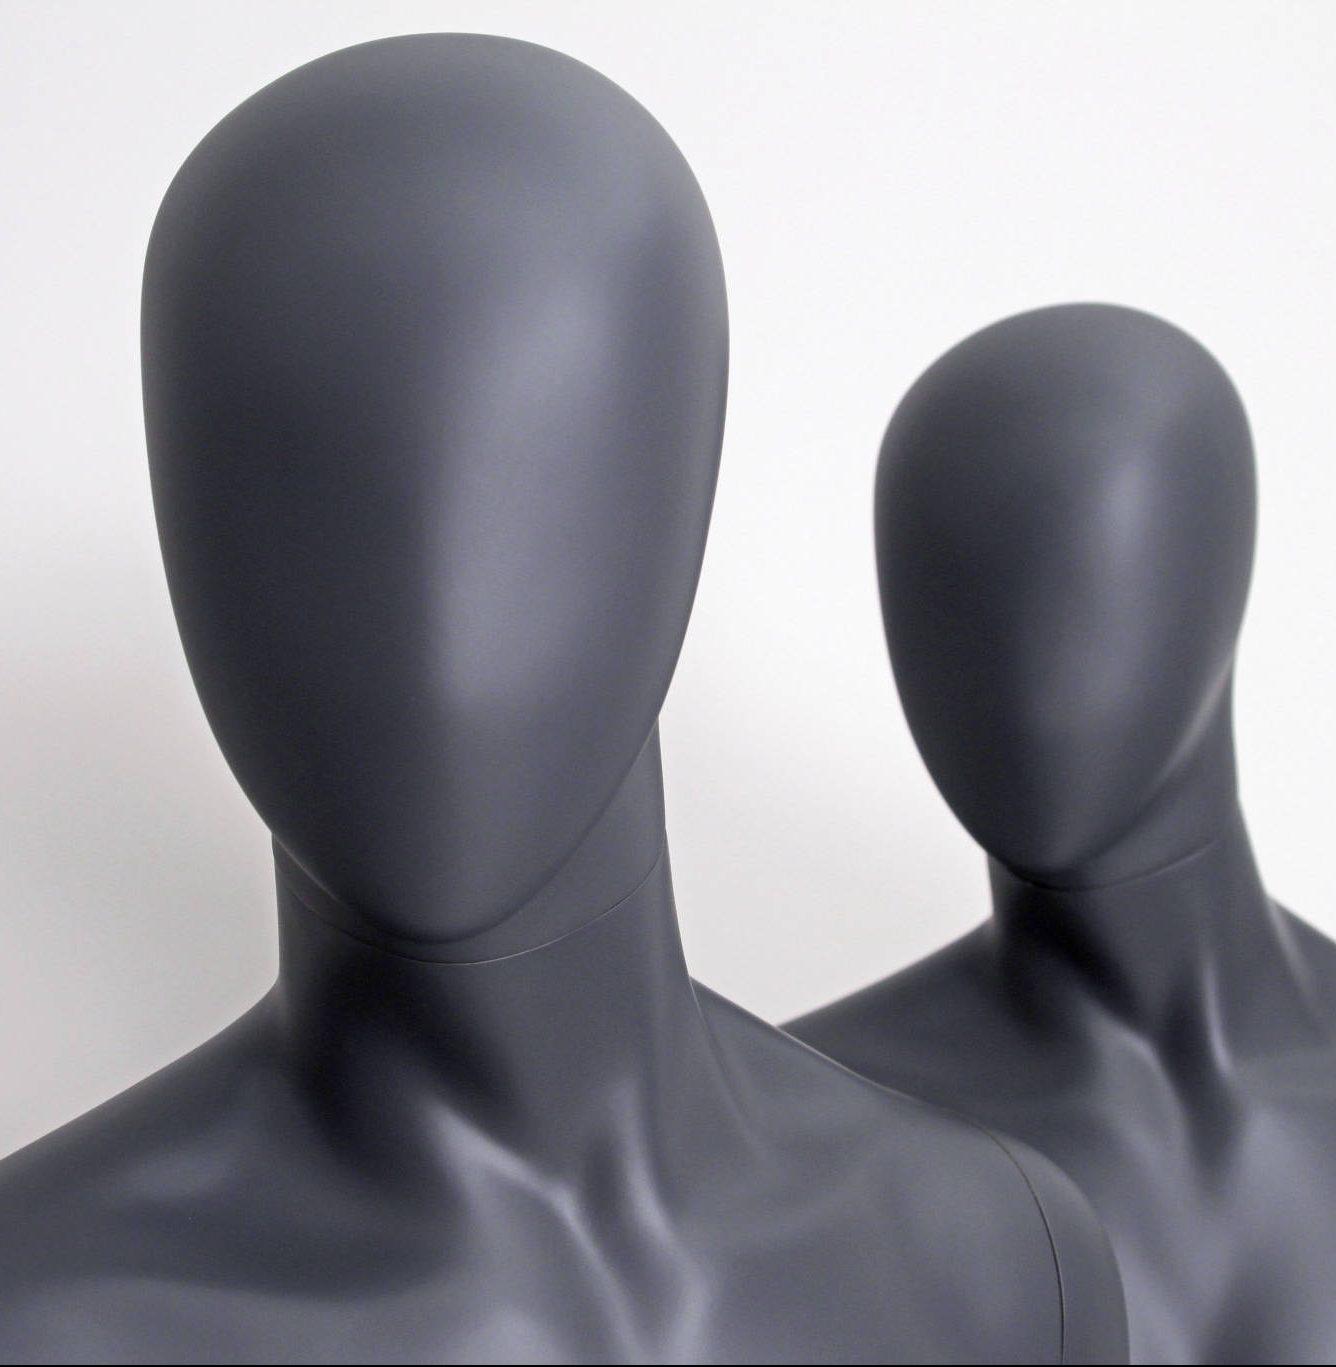 Moon head / faceless. Utrolig lækker herre mannequin i flot grå farve. Lagerførende og hurtig levering i alle farver. Konkurrencedygtige priser